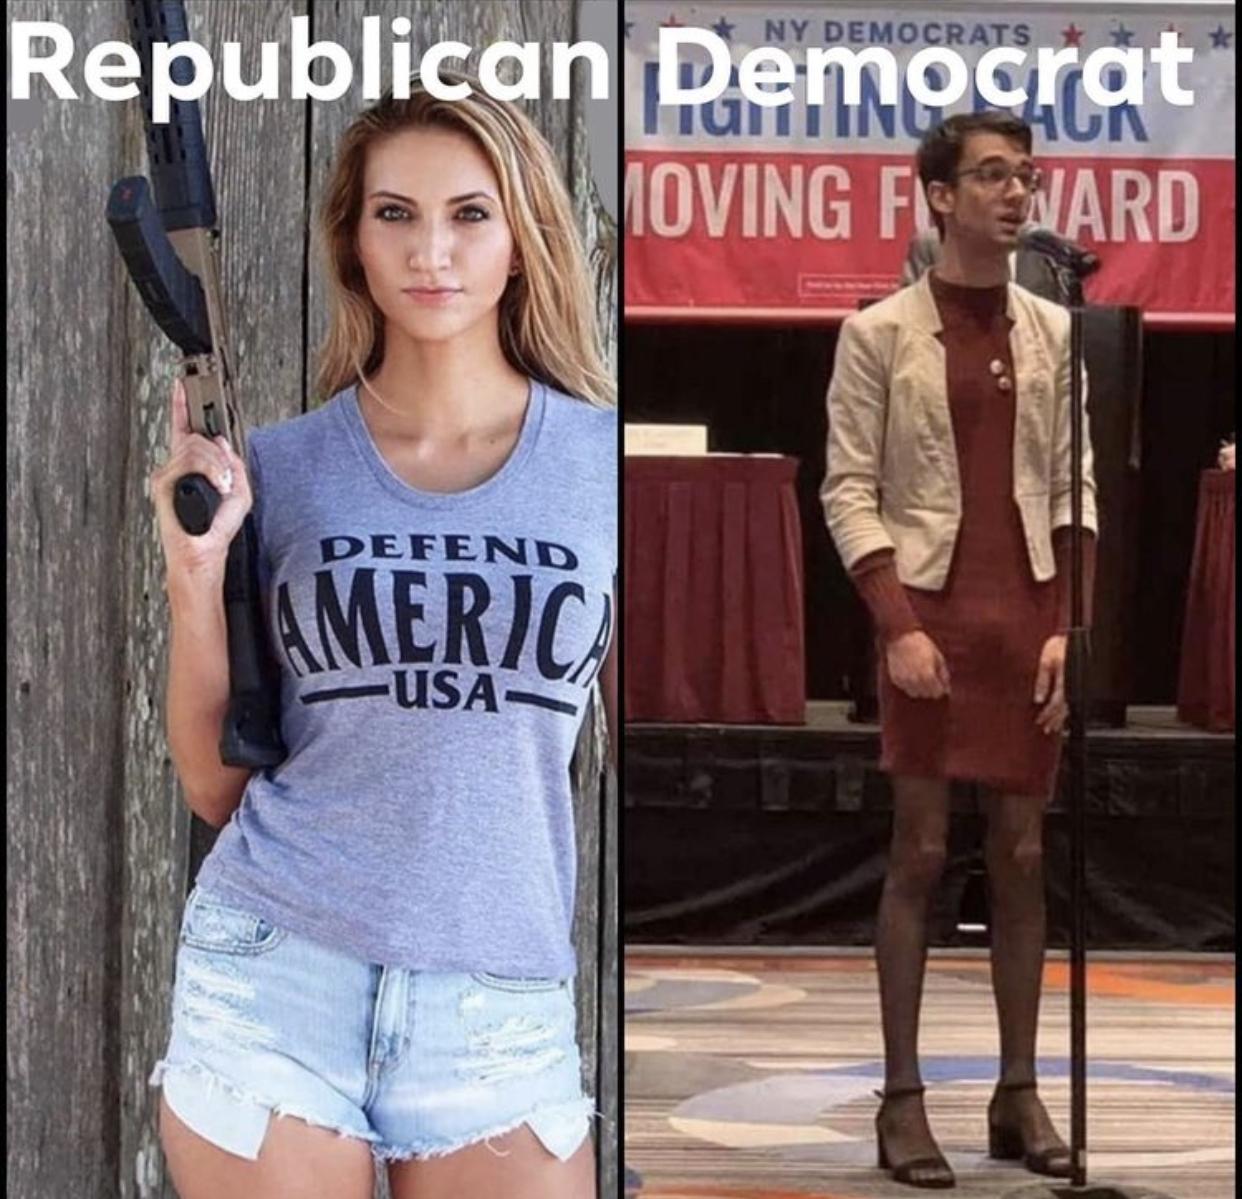 2A-LGBT-CG-Republican-vs-Democrat.jpg?w=